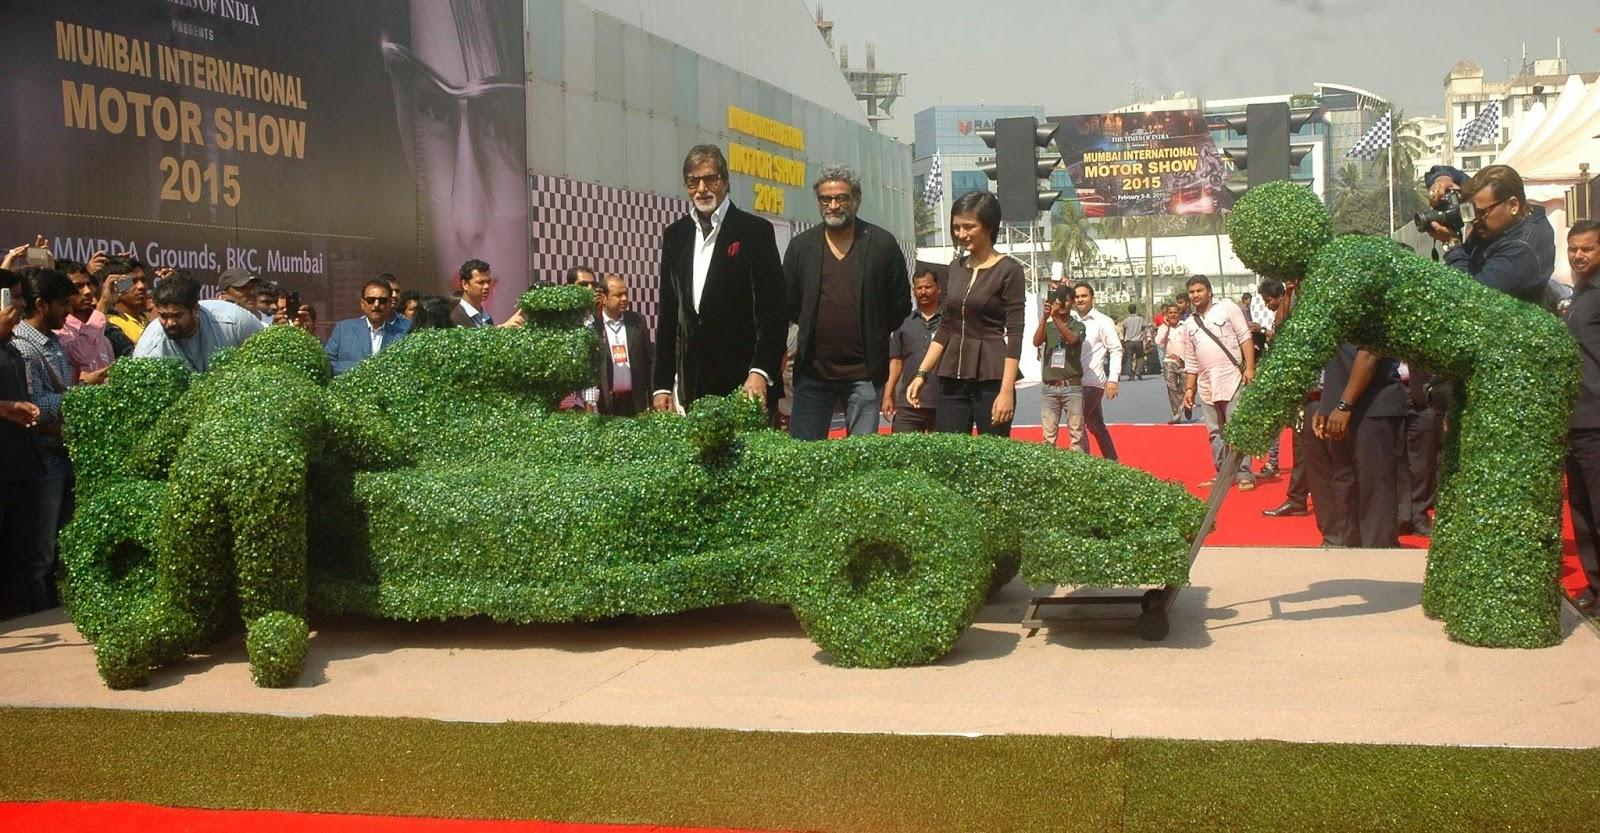 Amitabh, Akshara Haasan & R. Balki grace 'Mumbai International Motor Show 2015'